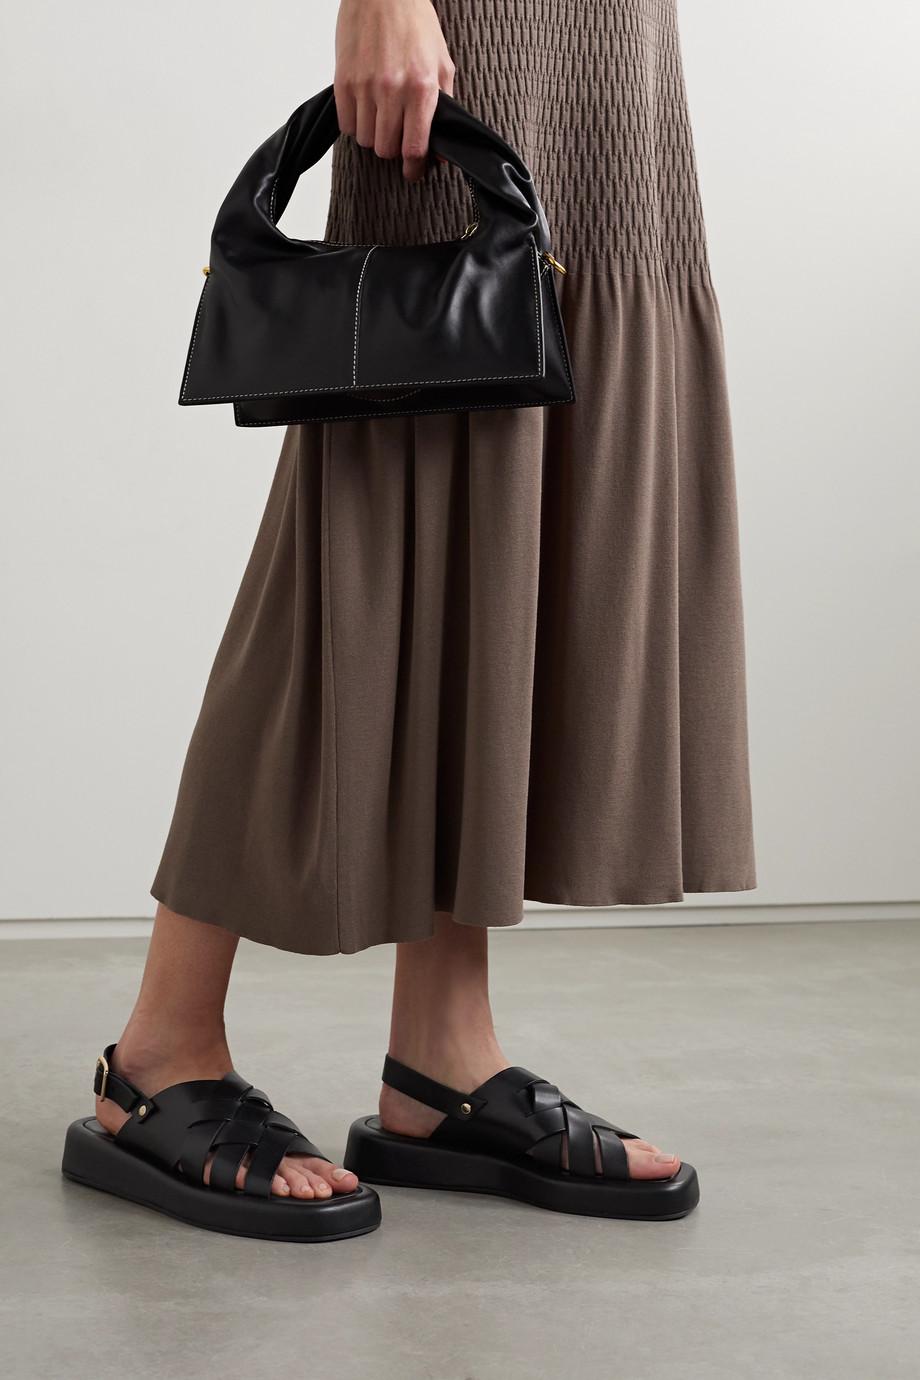 Loeffler Randall Finn Slingback-Sandalen aus geflochtenem Leder